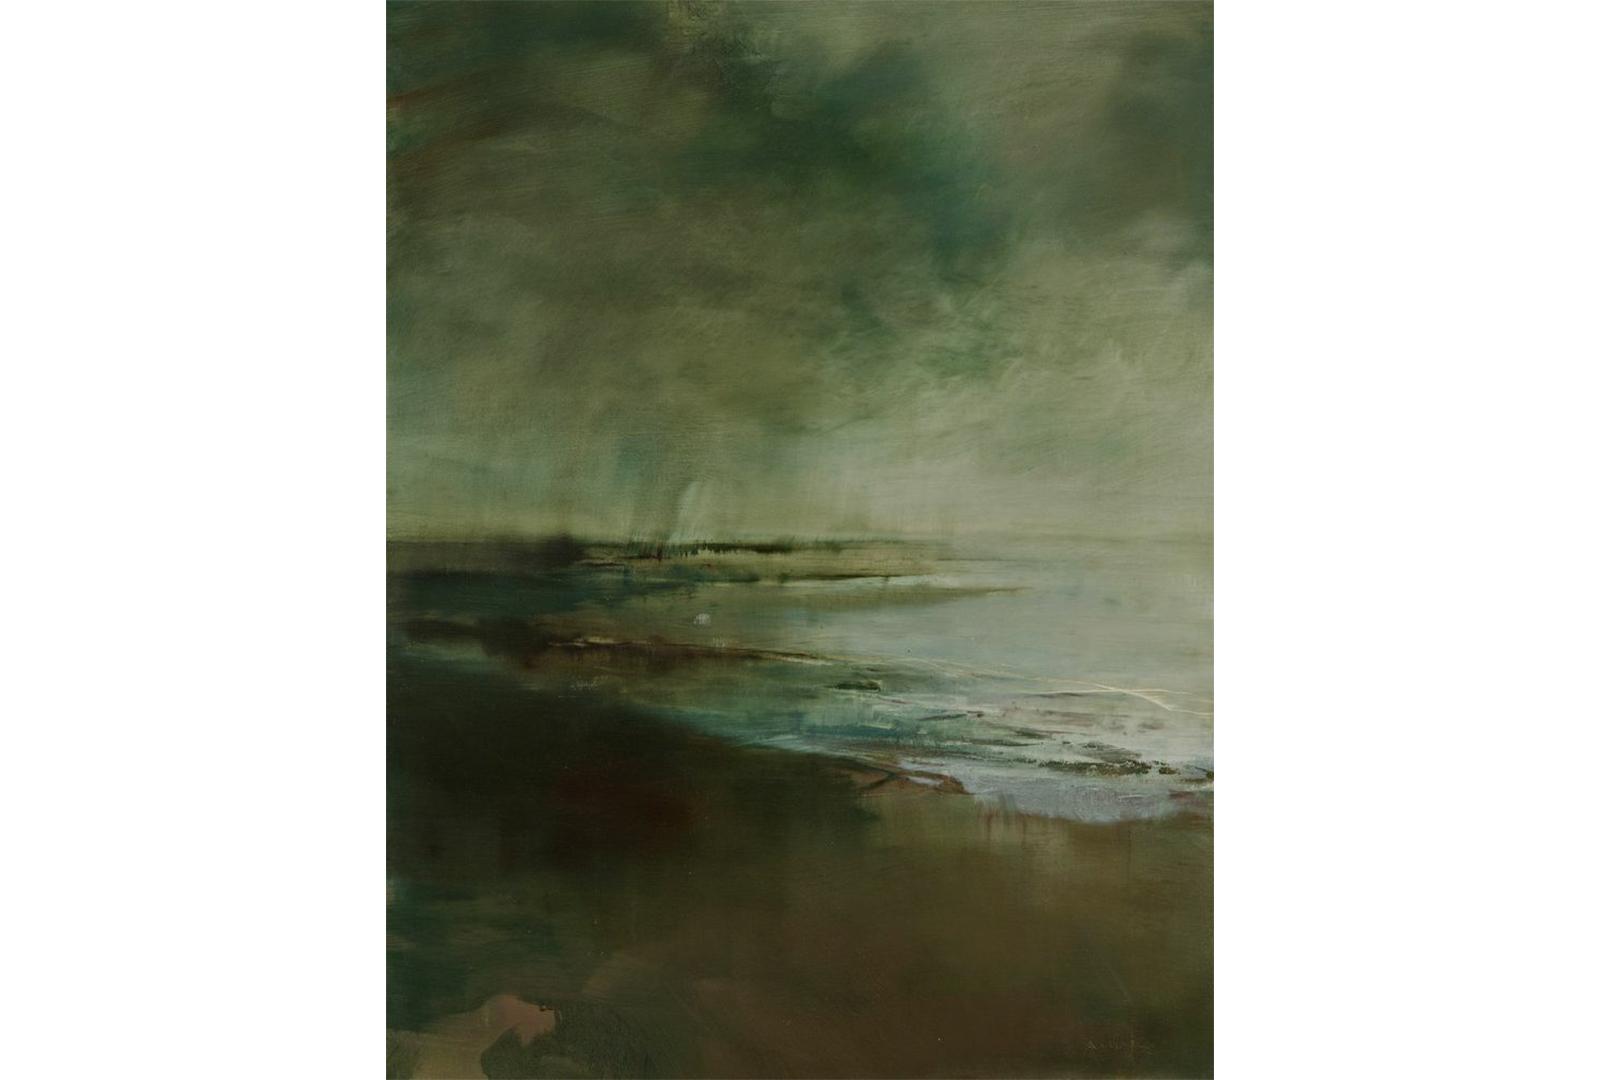 La-pluie-2014-huile-s-toile-130x110cm-